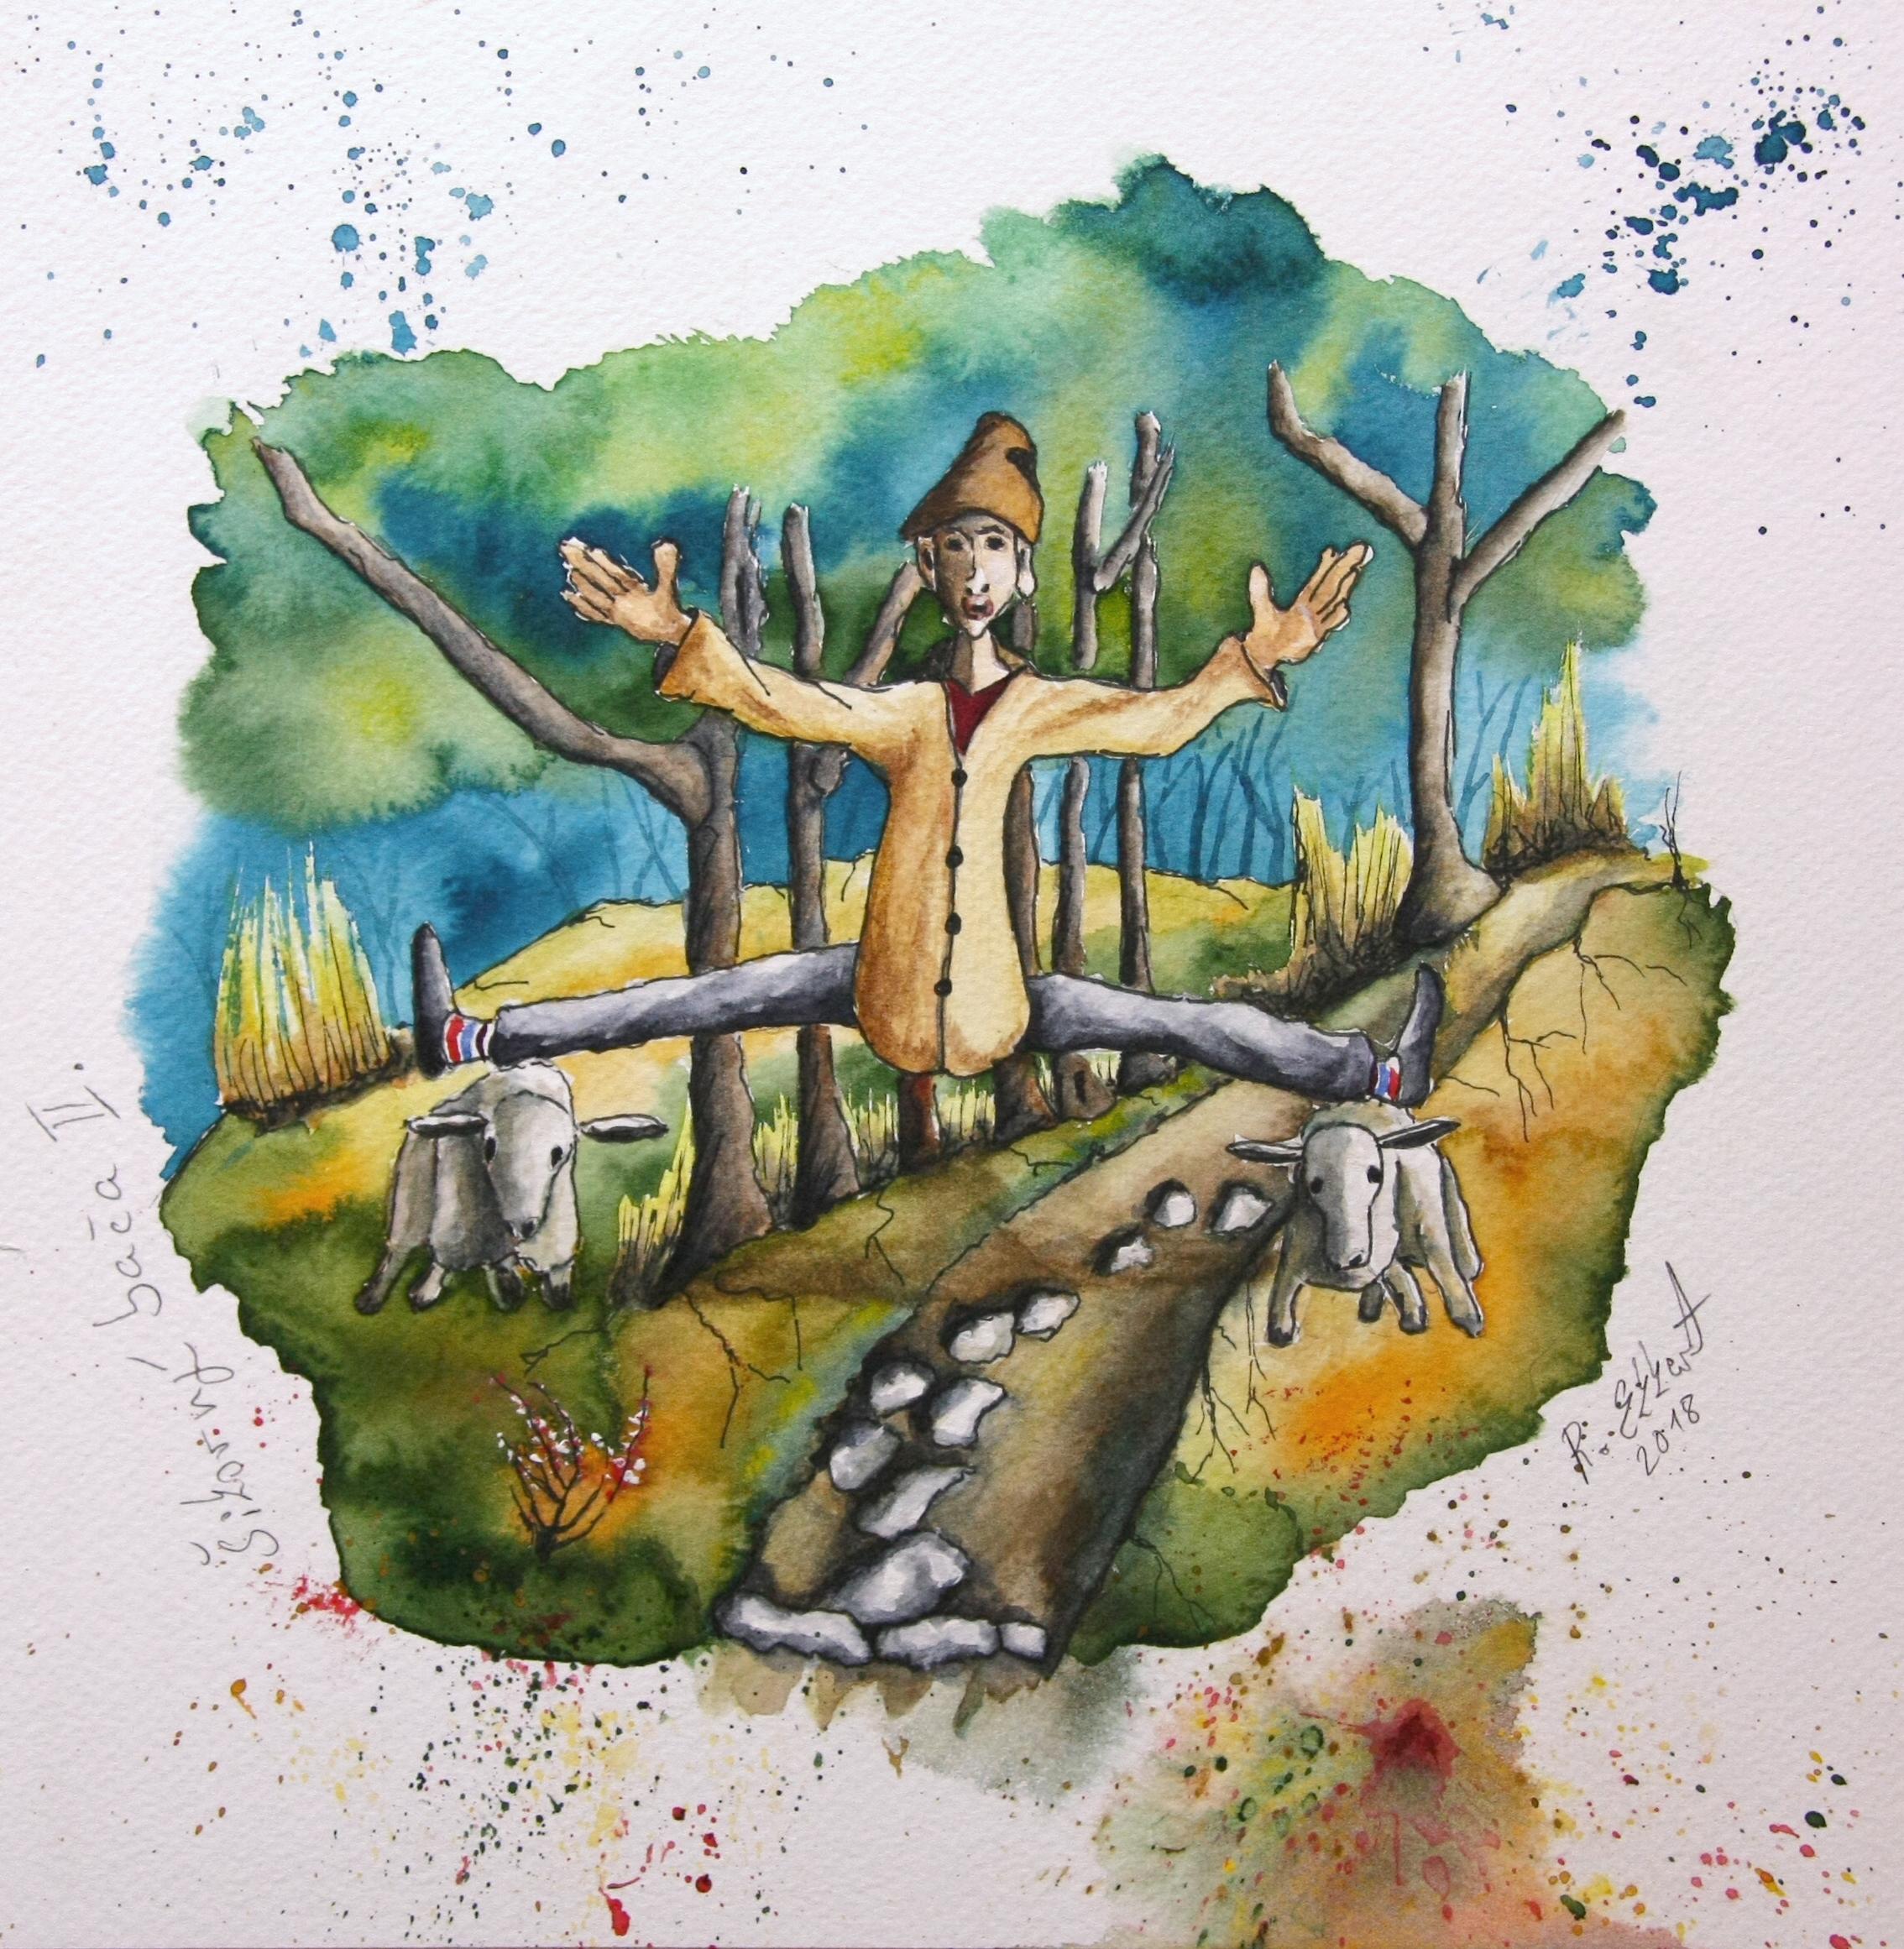 Nebojte Se Akvarelu Prvni Dojmy Z Akvarelovych Barev White Nights